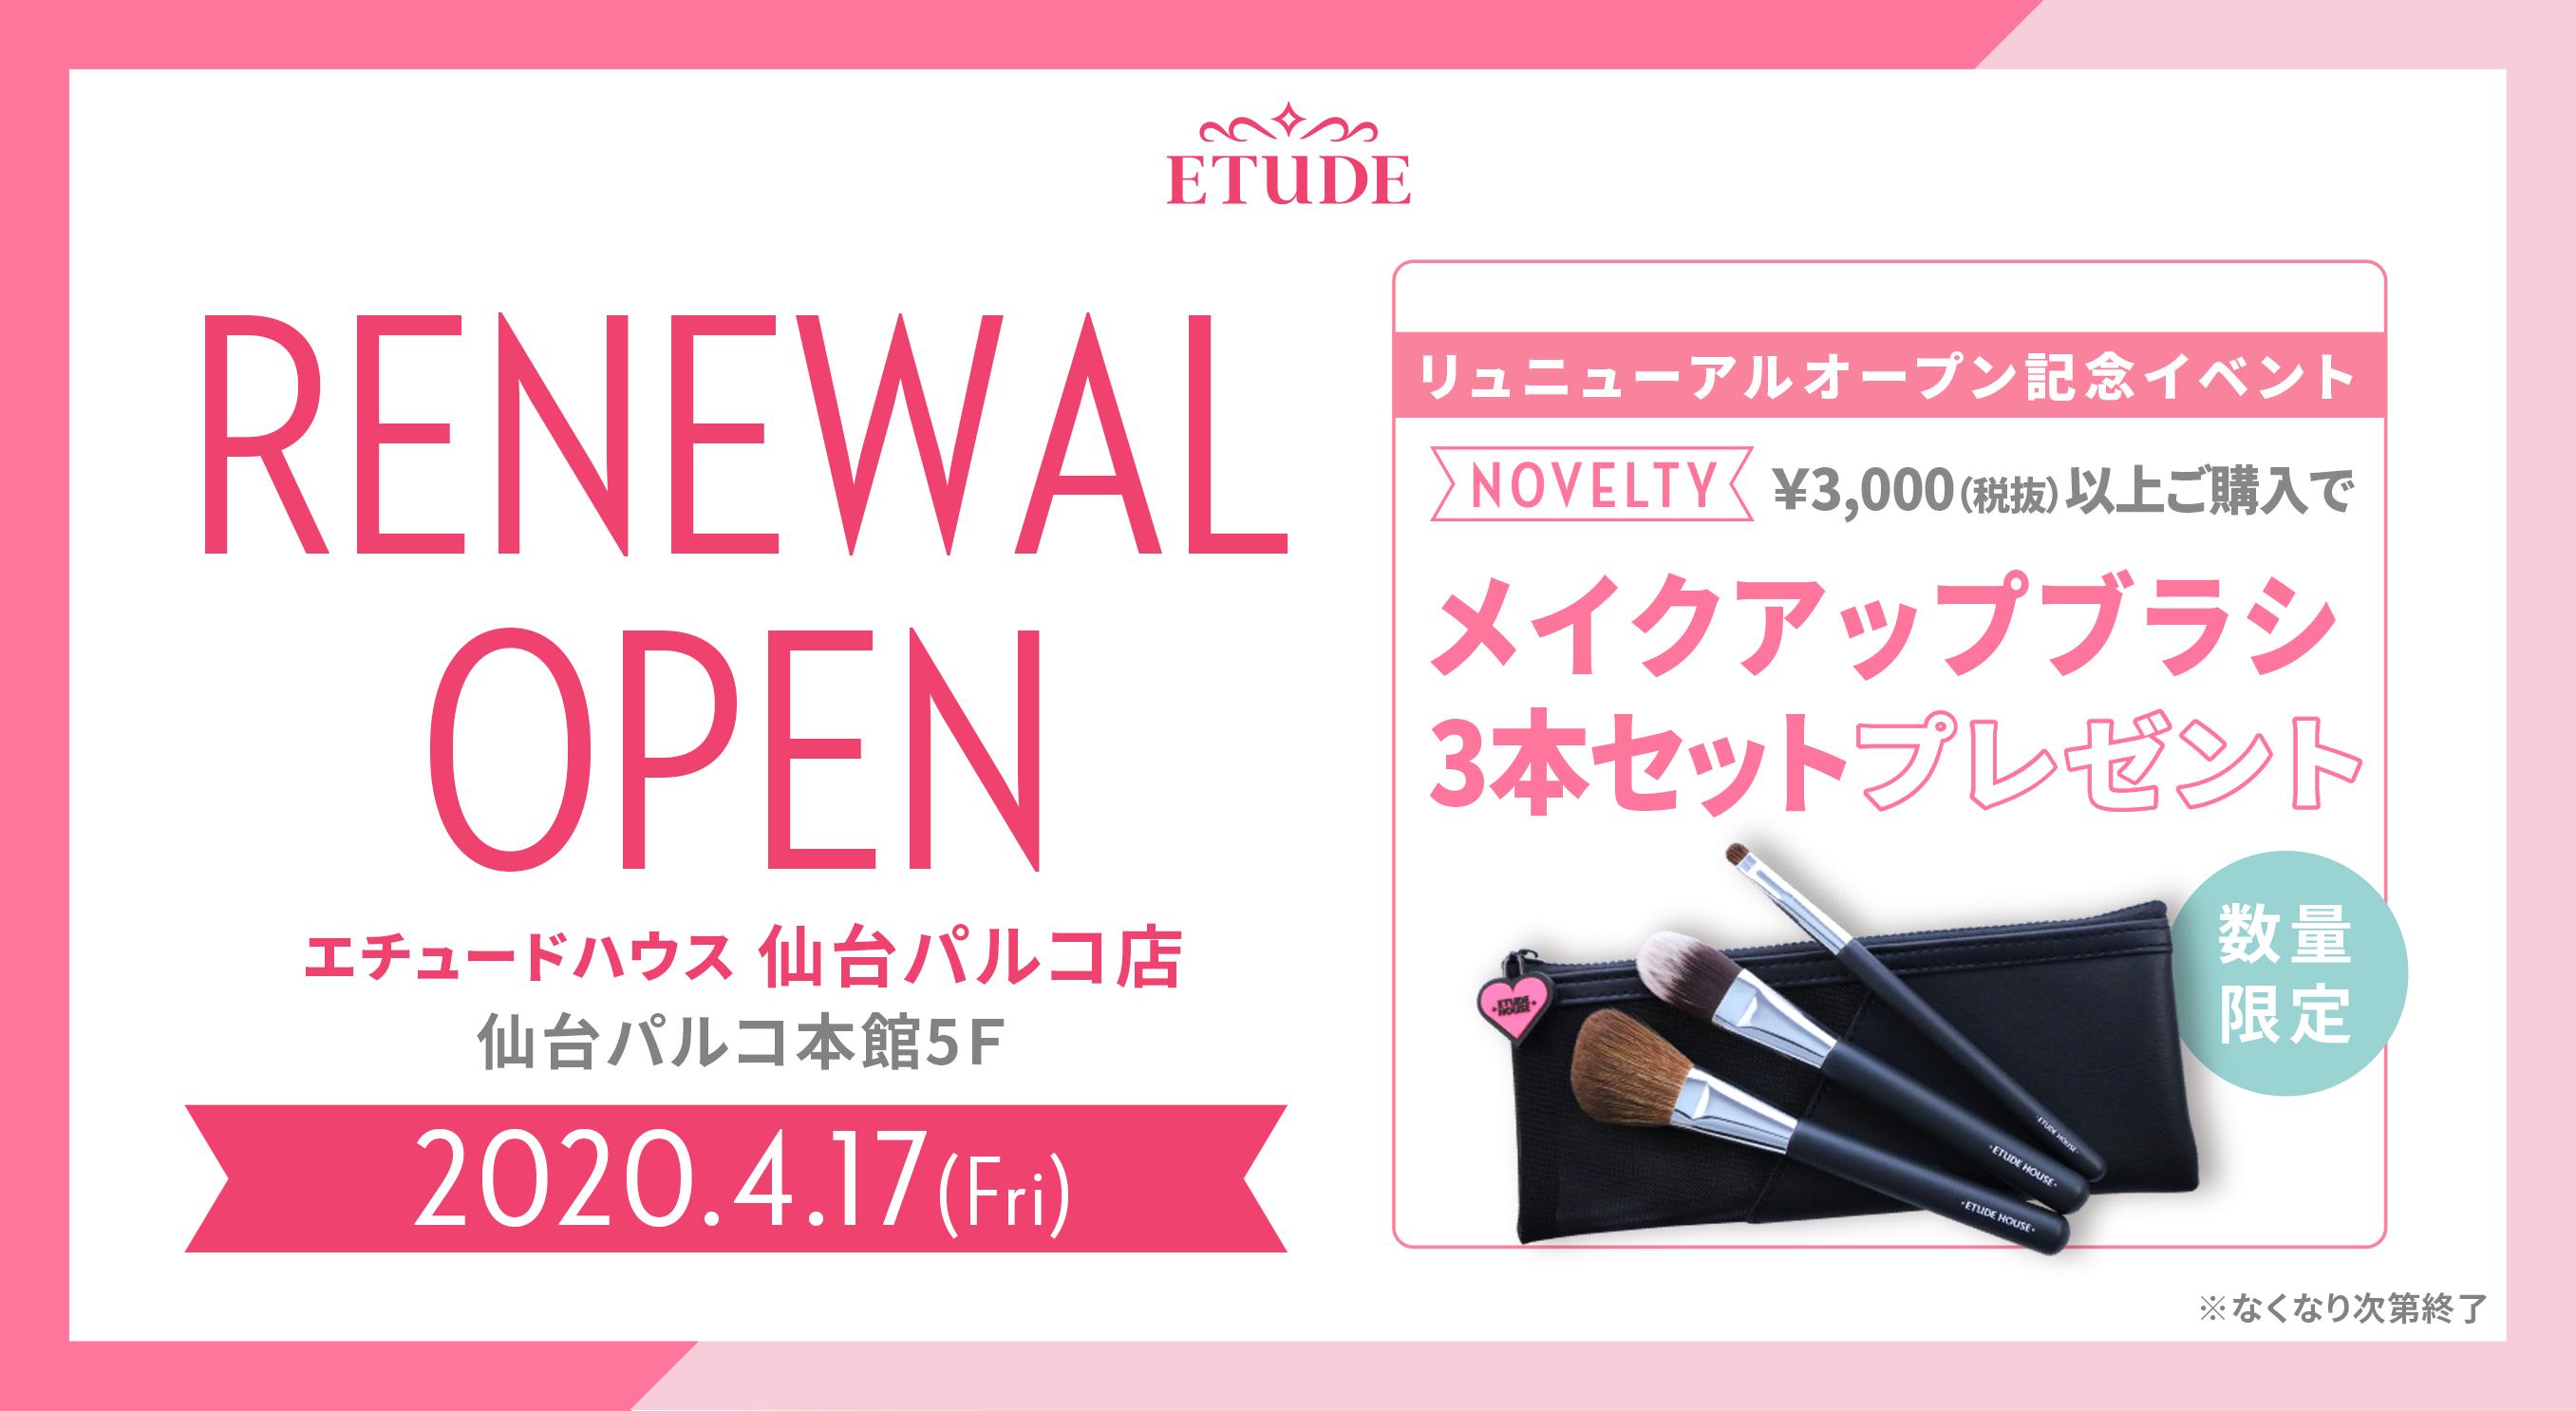 4月17日(金) に『仙台パルコ』リニューアルオープン︕